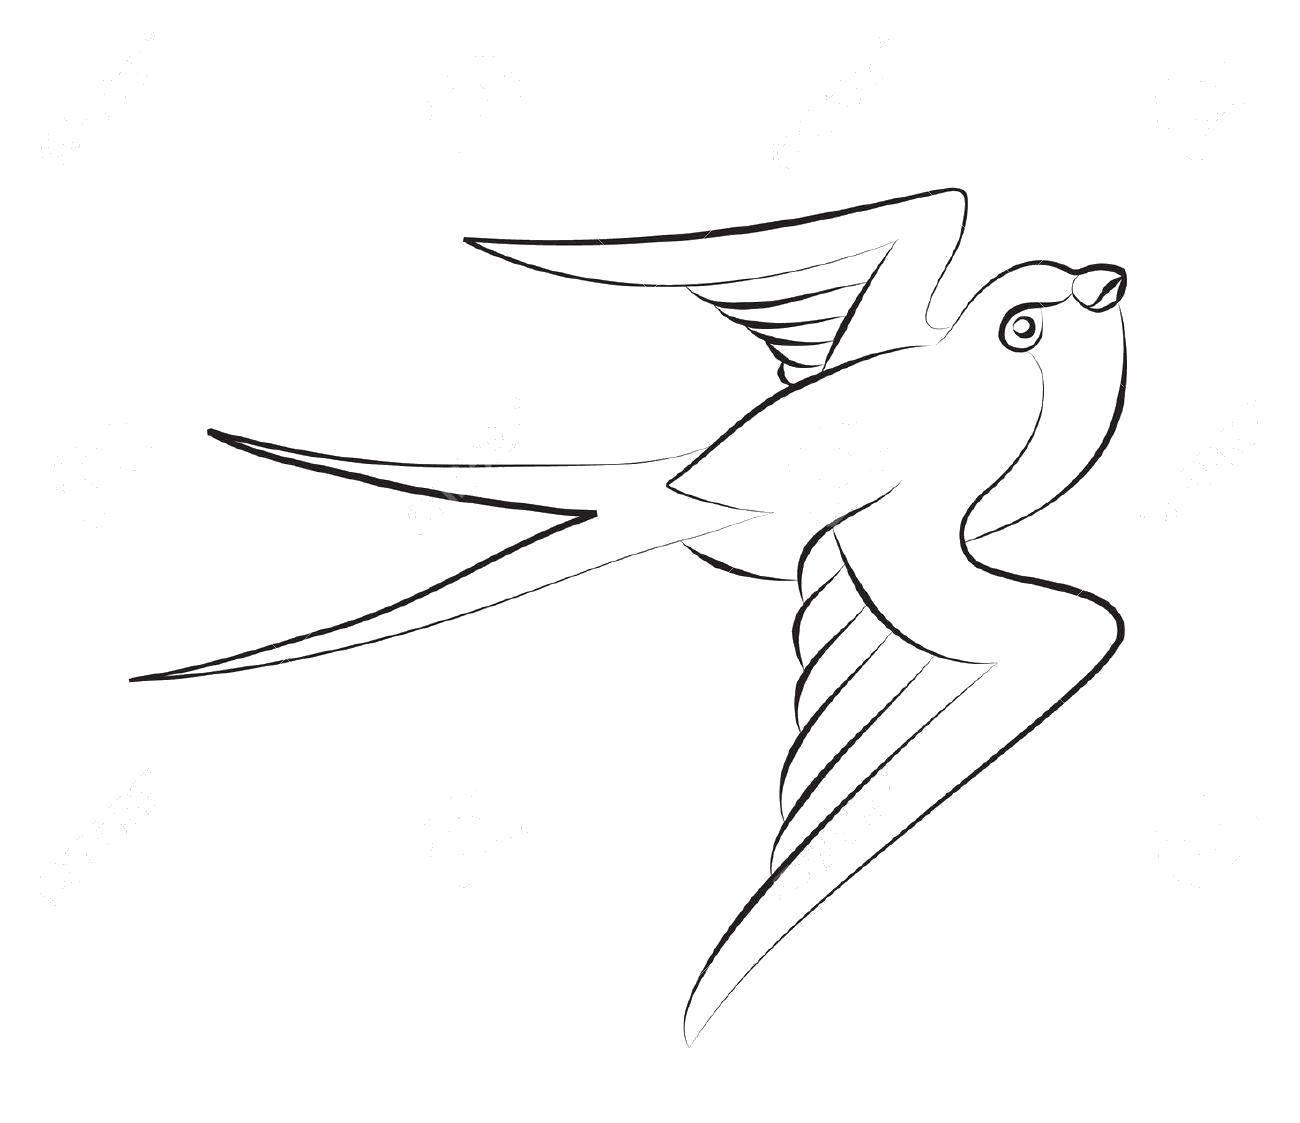 Название: Раскраска Двойной хвостик ласточки. Категория: птицы. Теги: Птицы, ласточка.